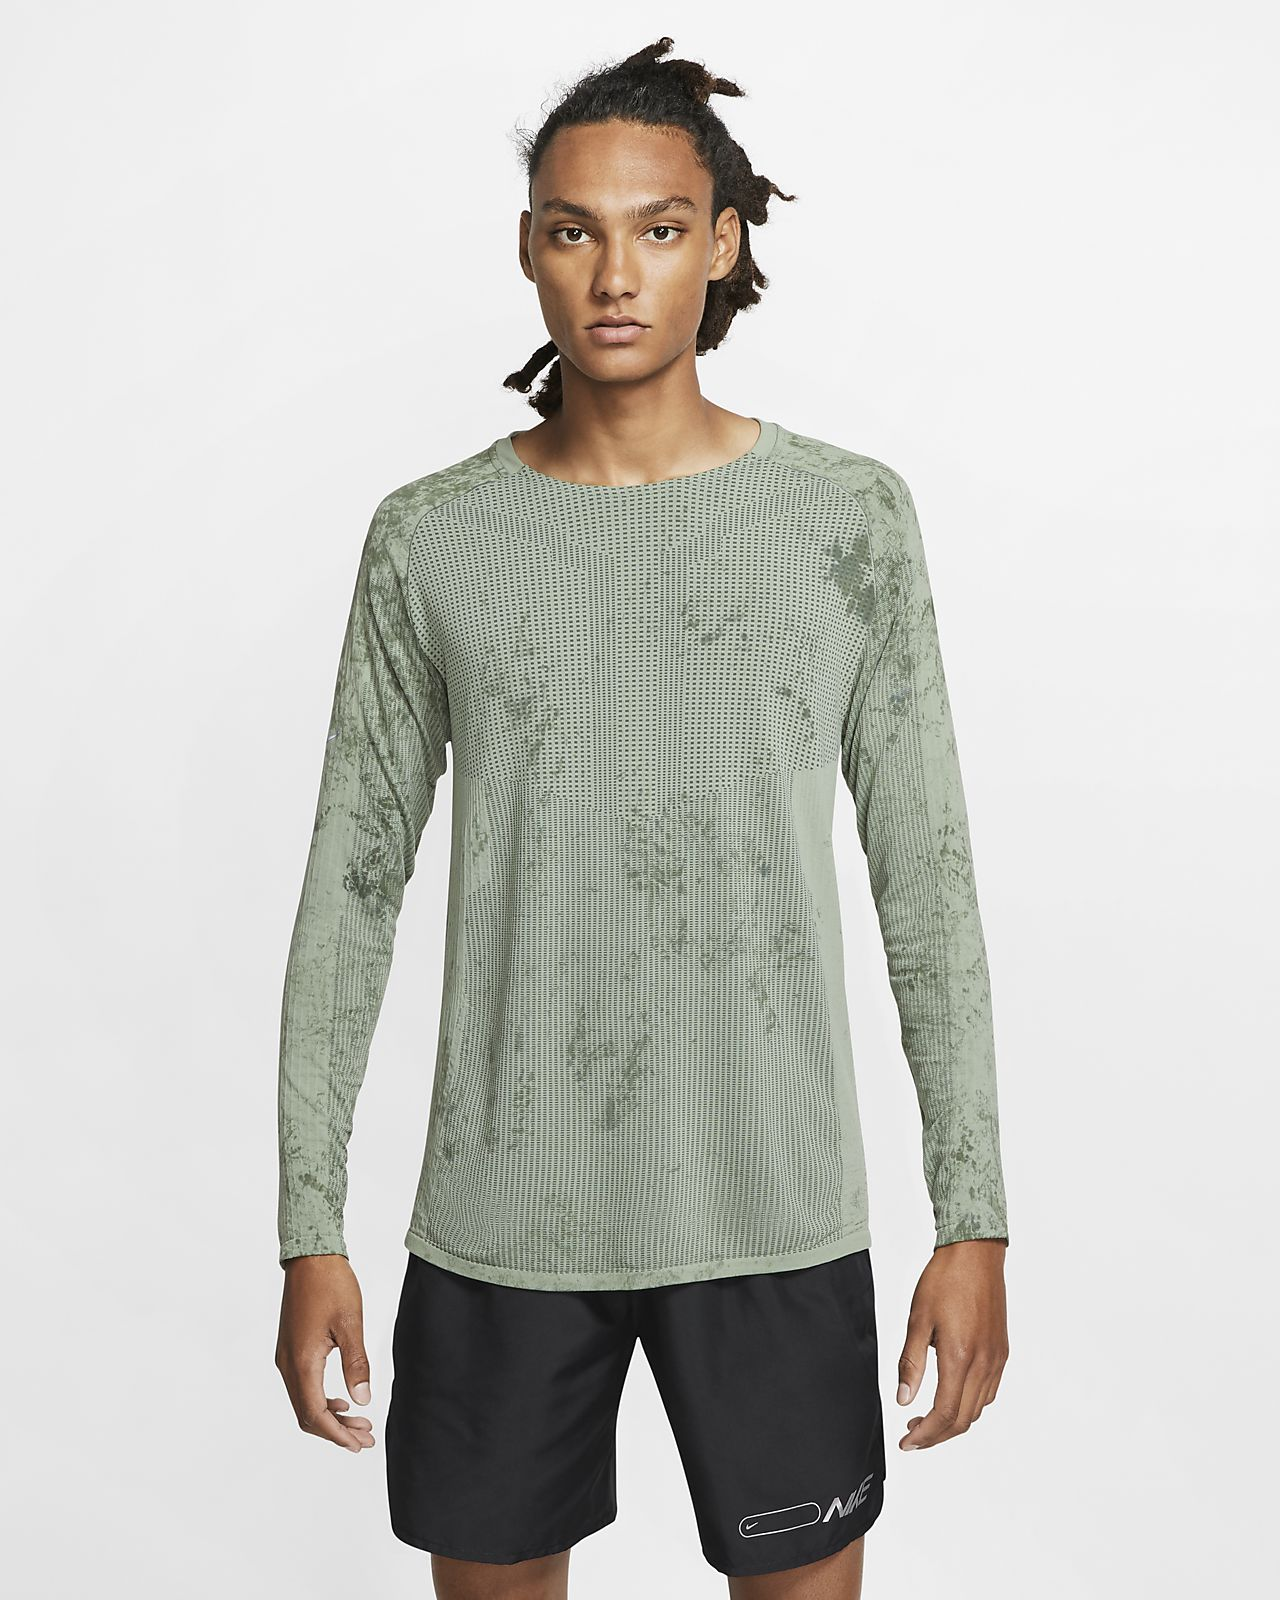 b62da1fbb19e Nike Tech Pack Men's Long-Sleeve Running Top. Nike.com